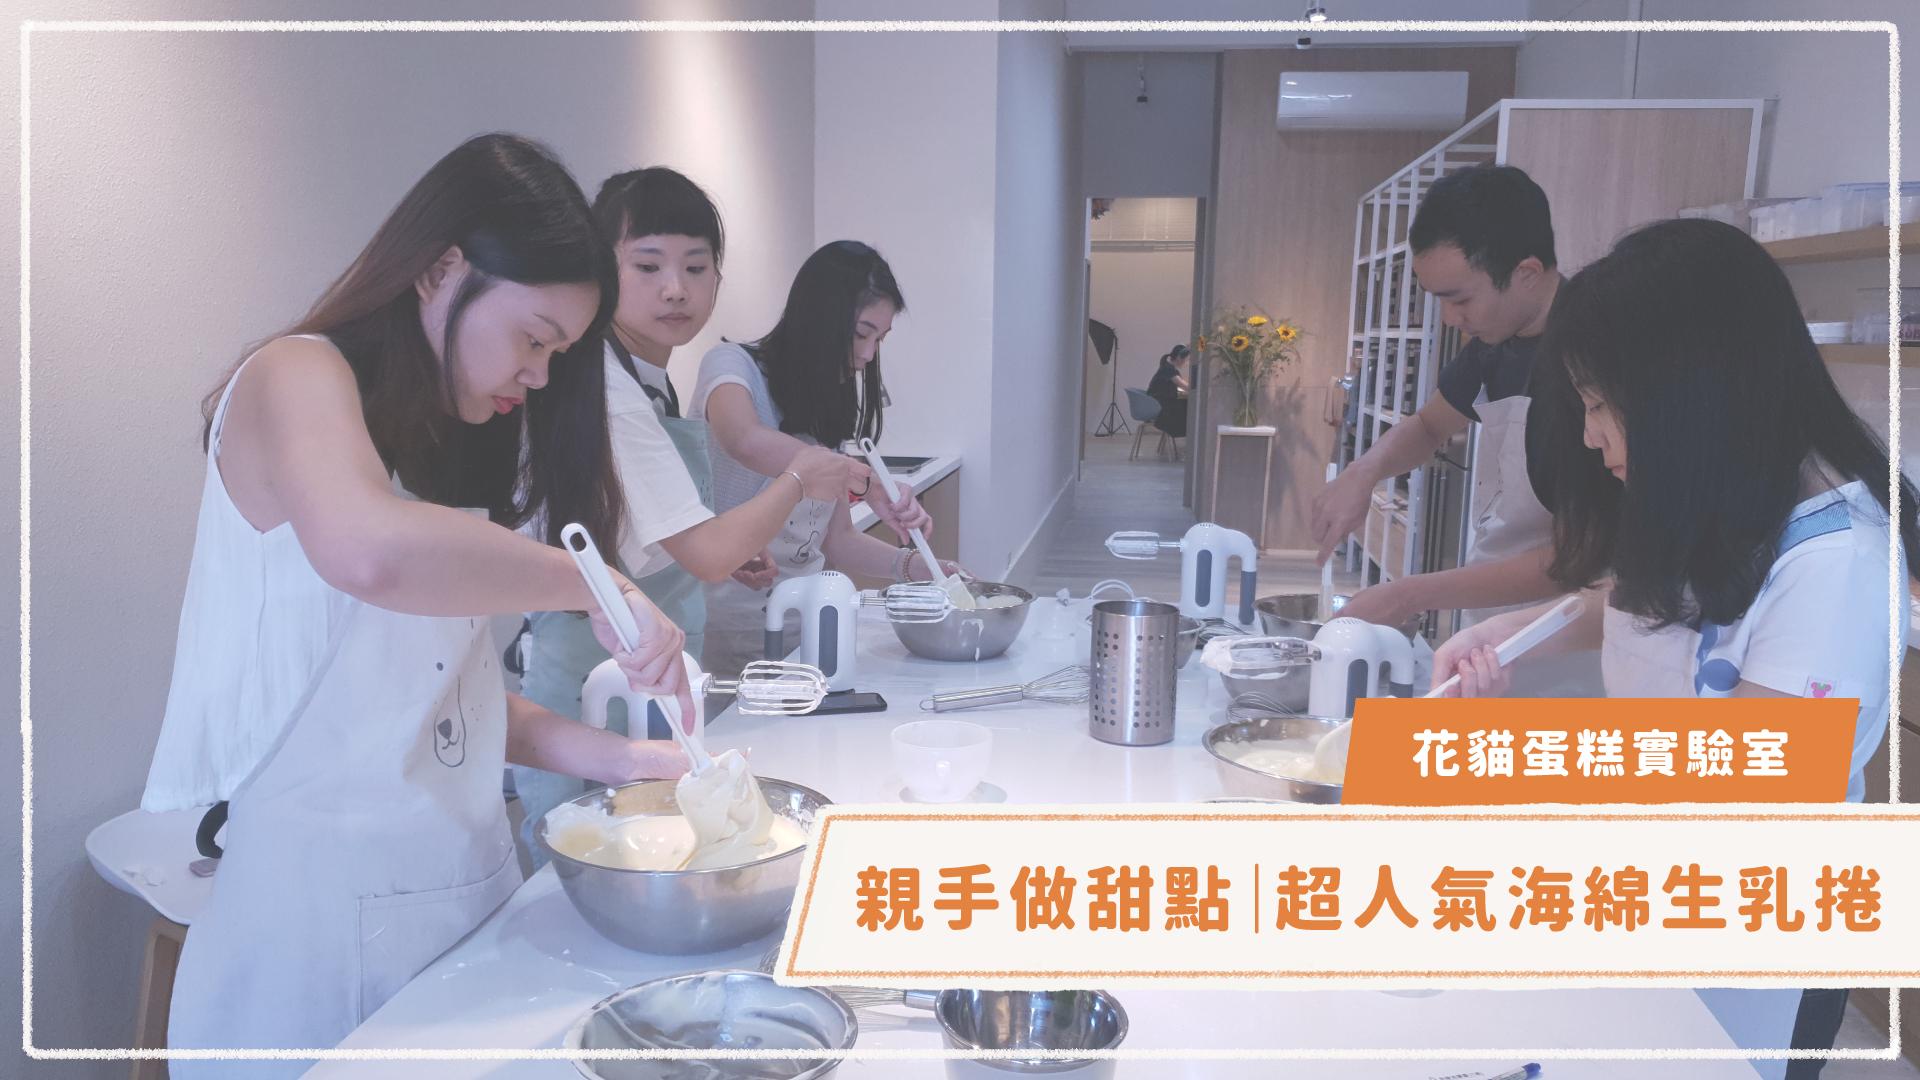 花貓蛋糕實驗室親手做甜點!超人氣海綿生乳捲的美味秘密